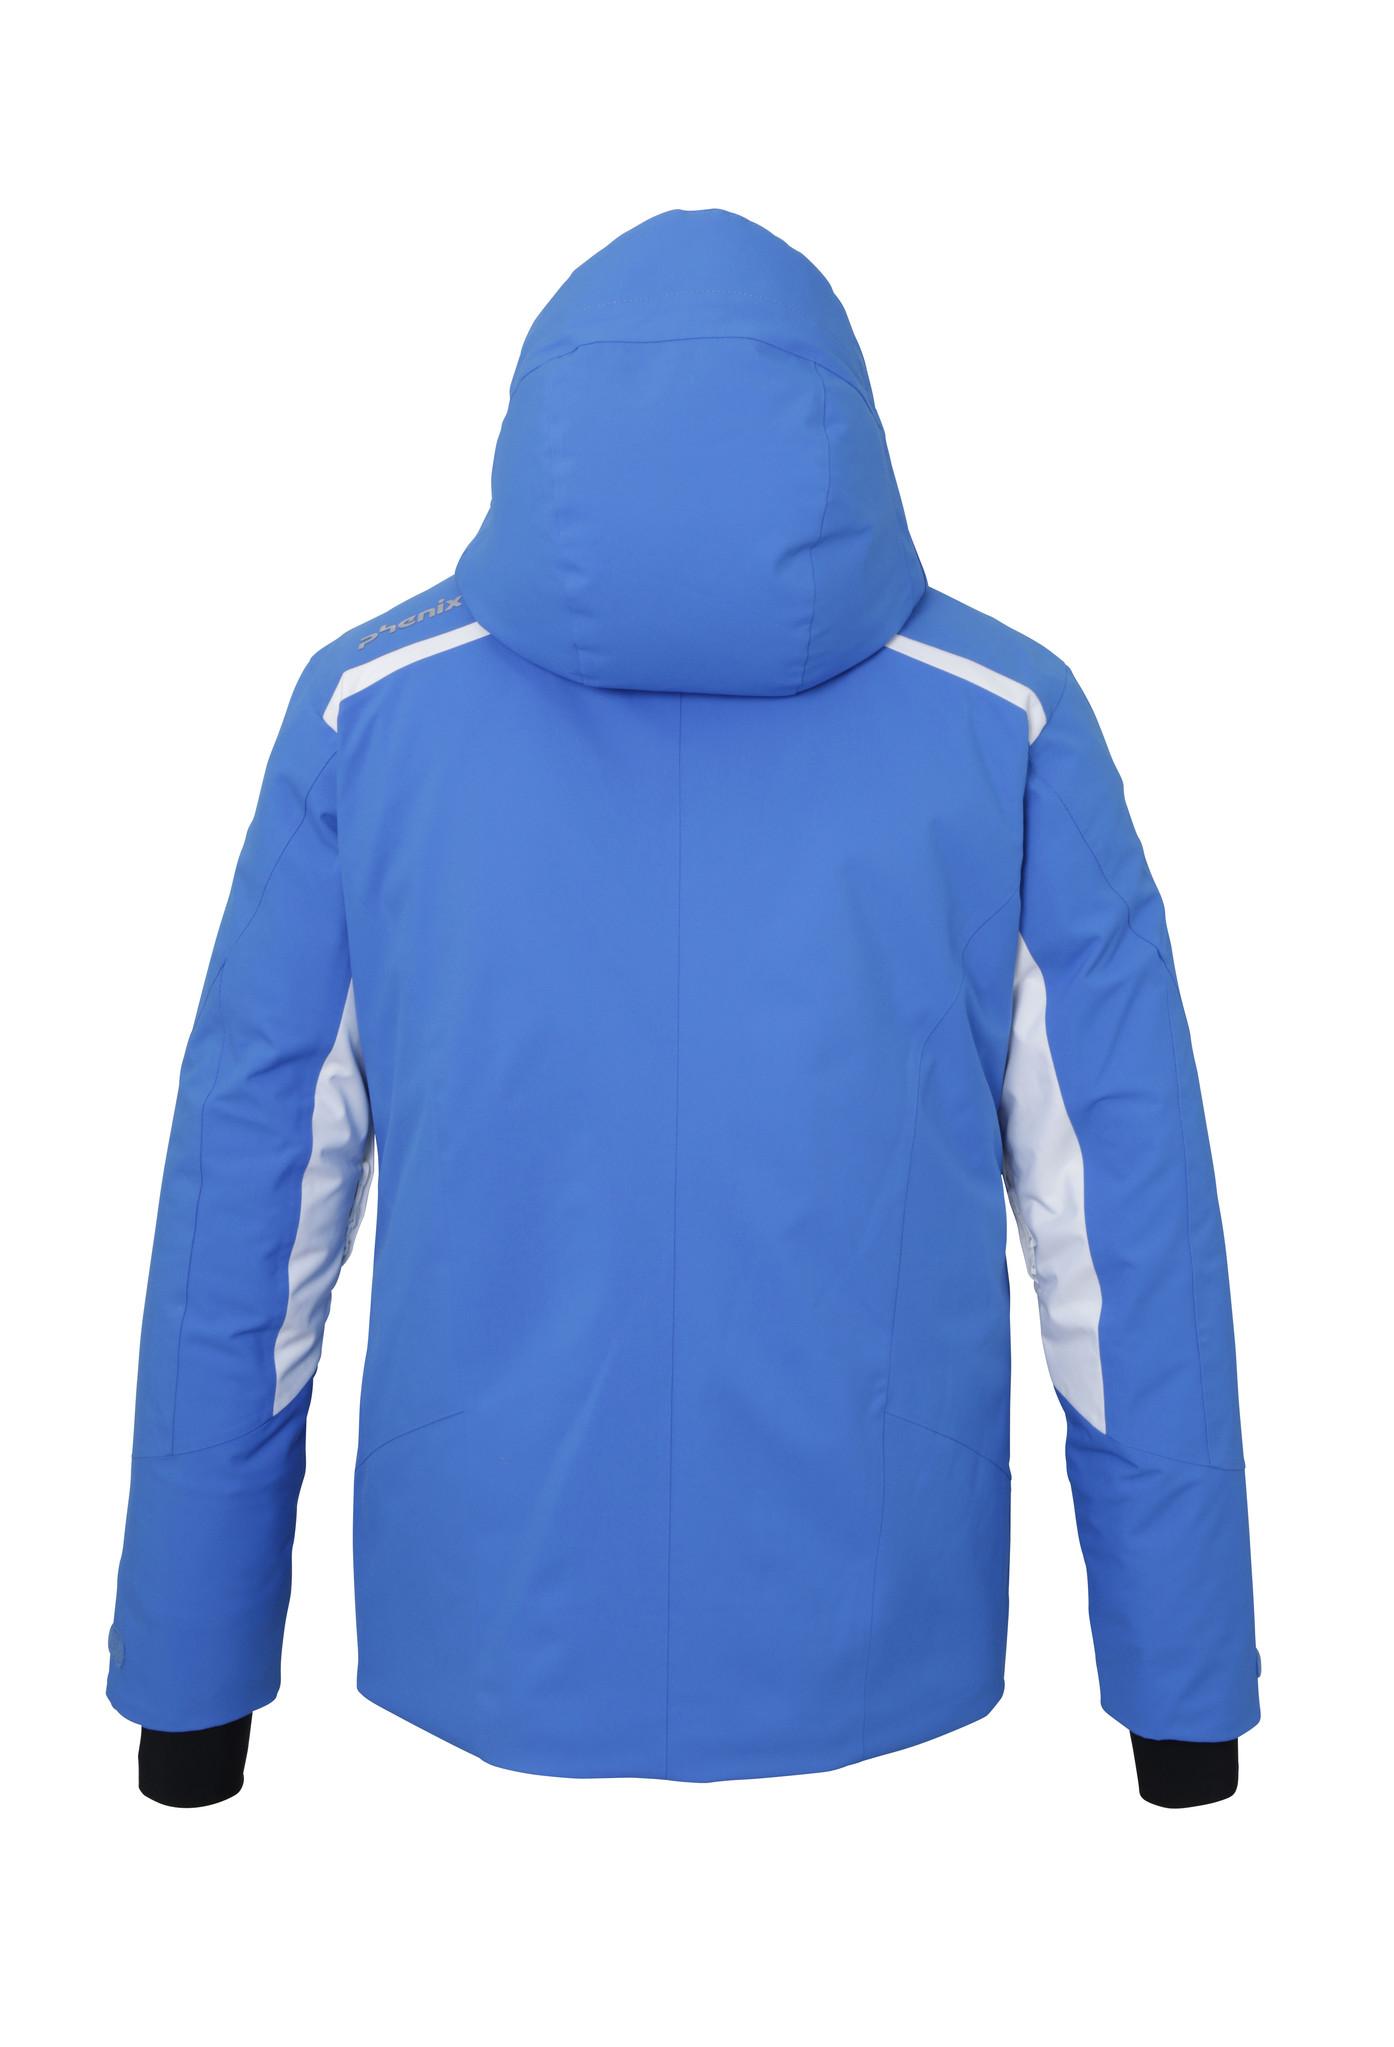 PHENIX Trueno Jacket